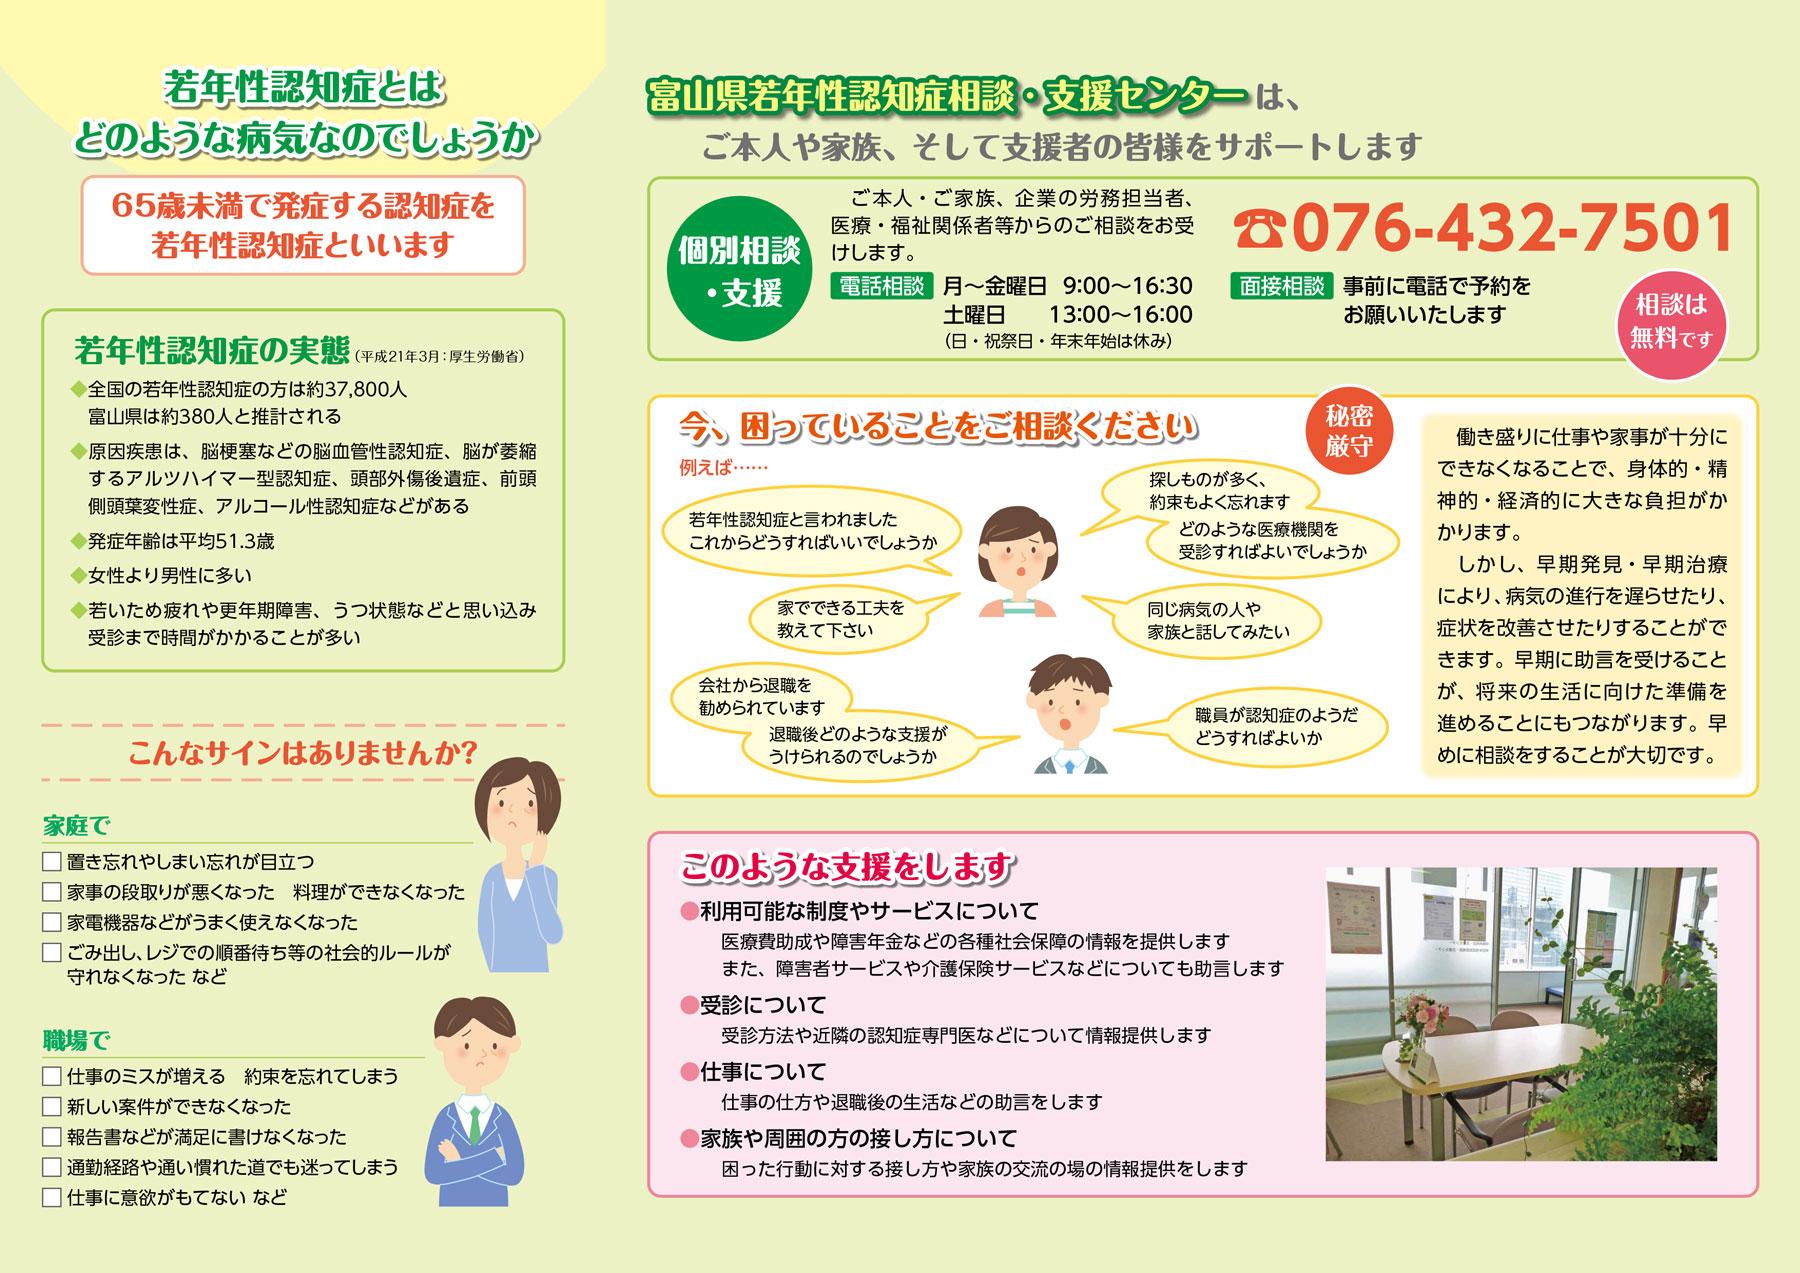 富山県若年性認知症相談・支援センター パンフレット